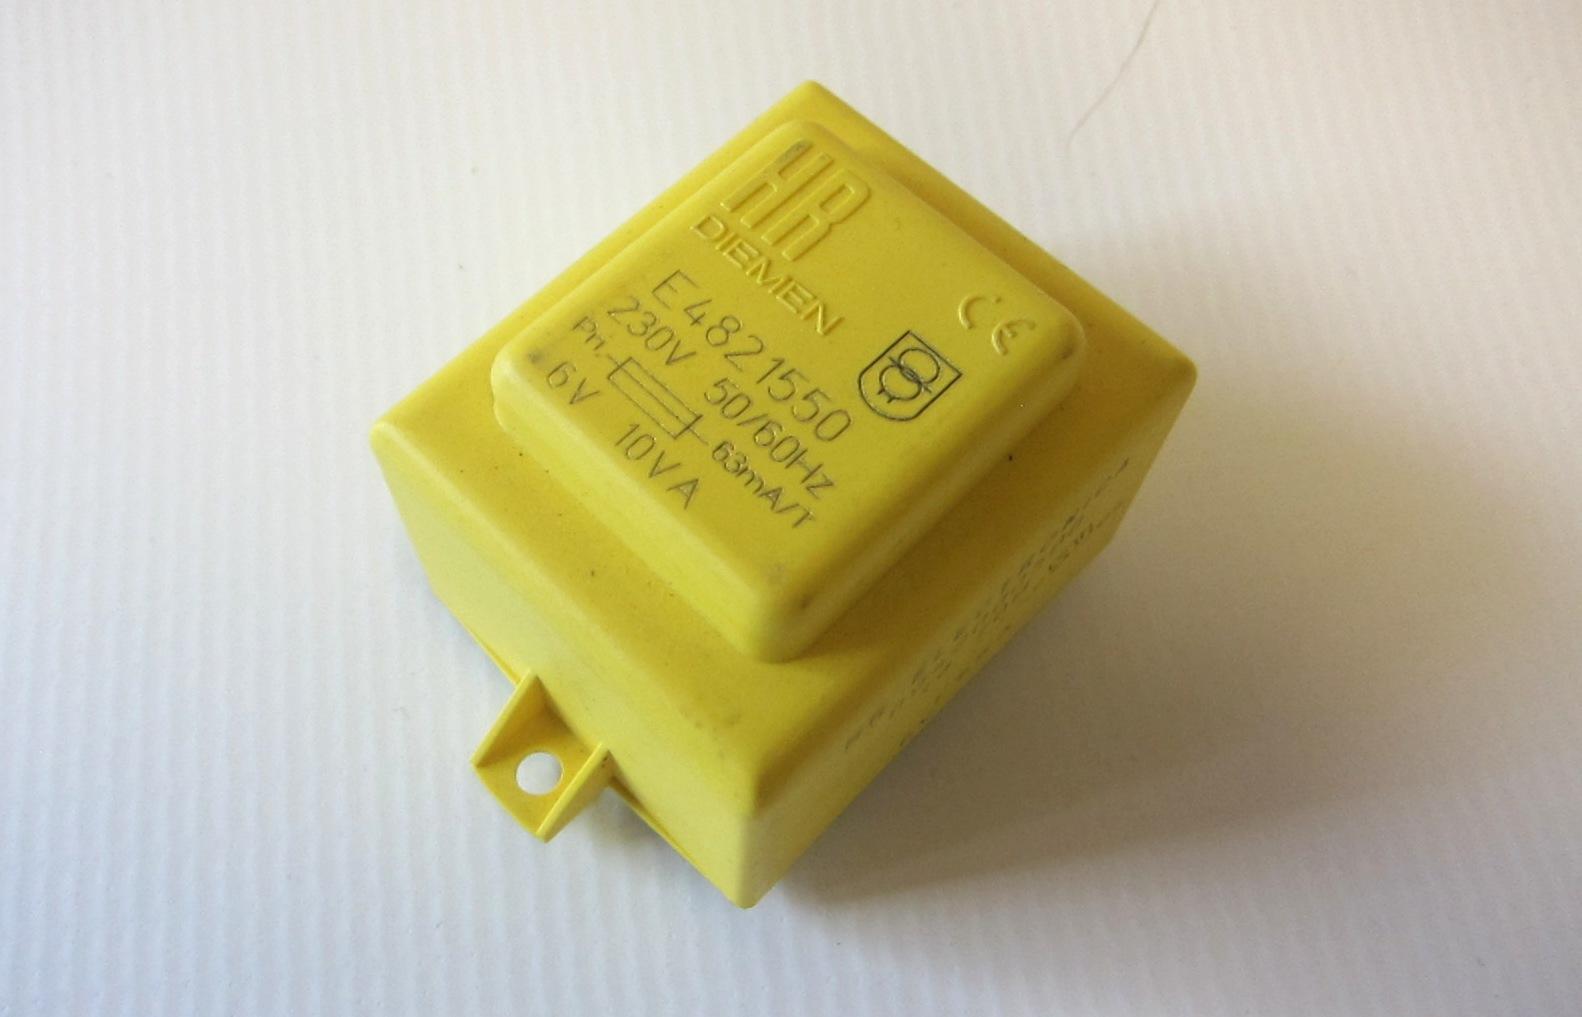 transformator zalewany 10VA 230VAC 15V 70C uchwyt